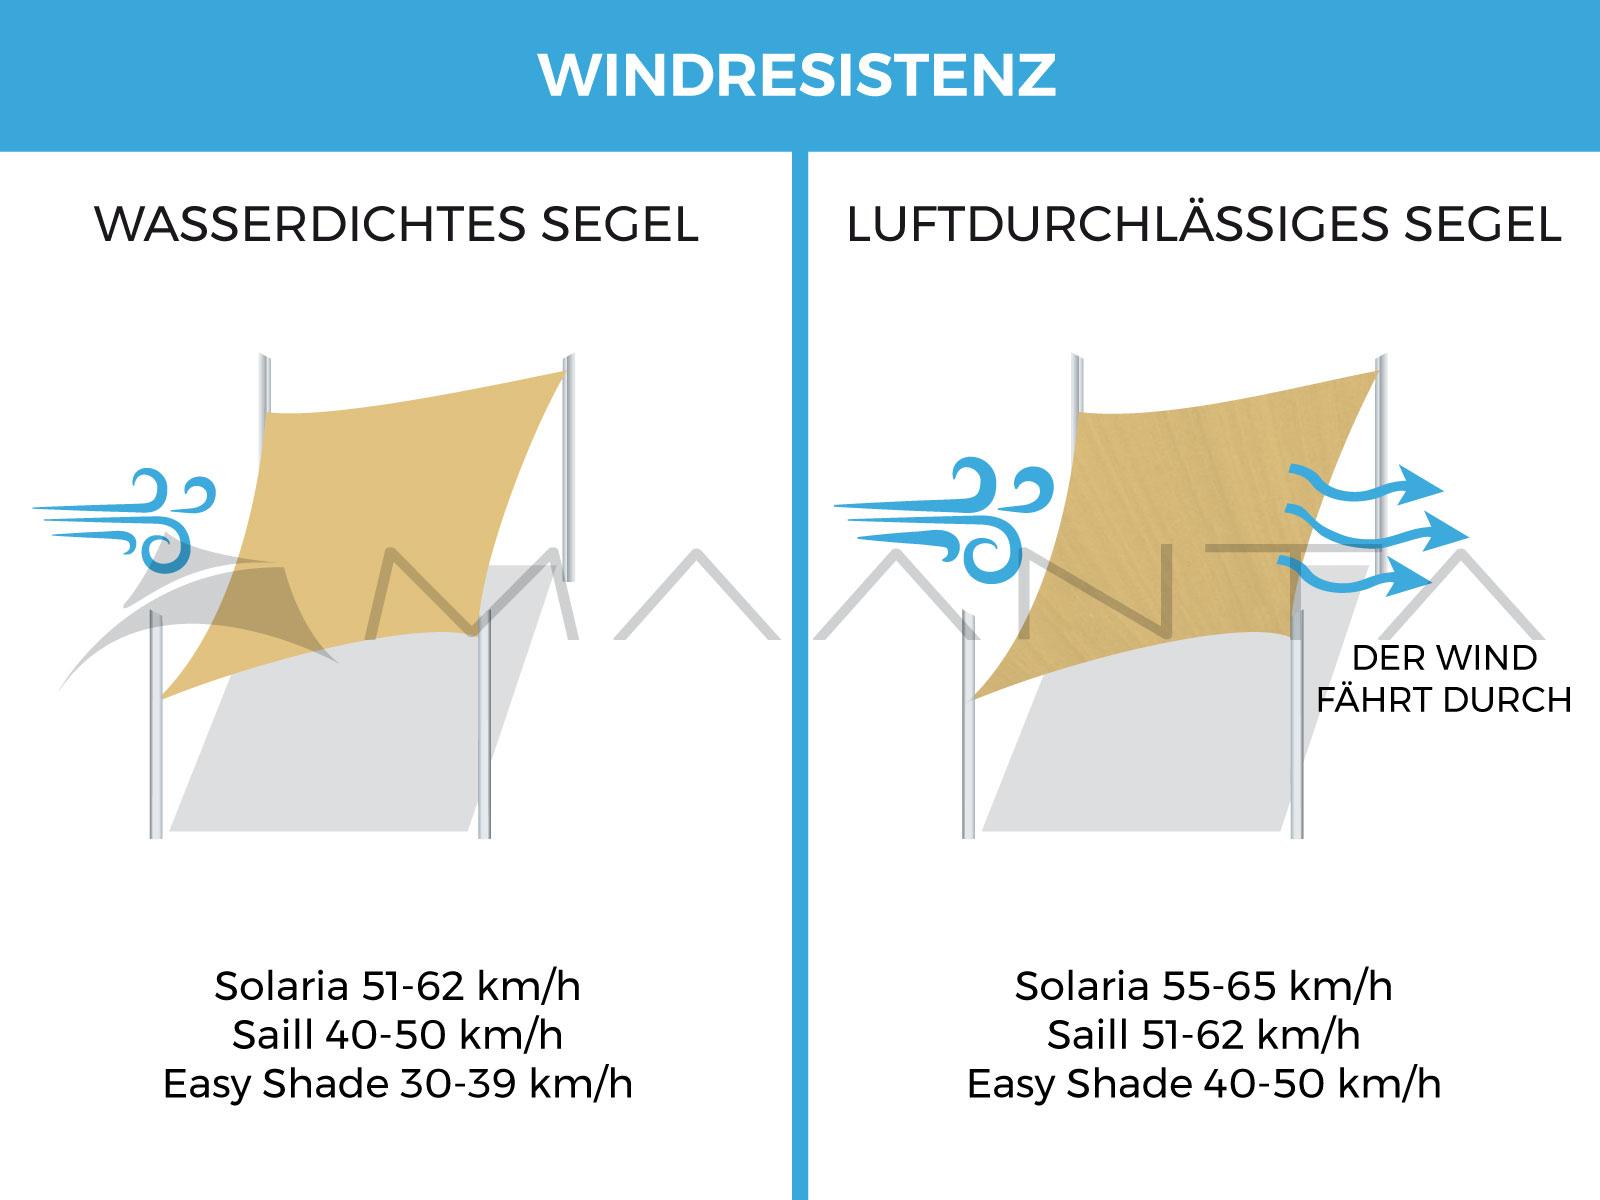 wind resistenz sonnensegel